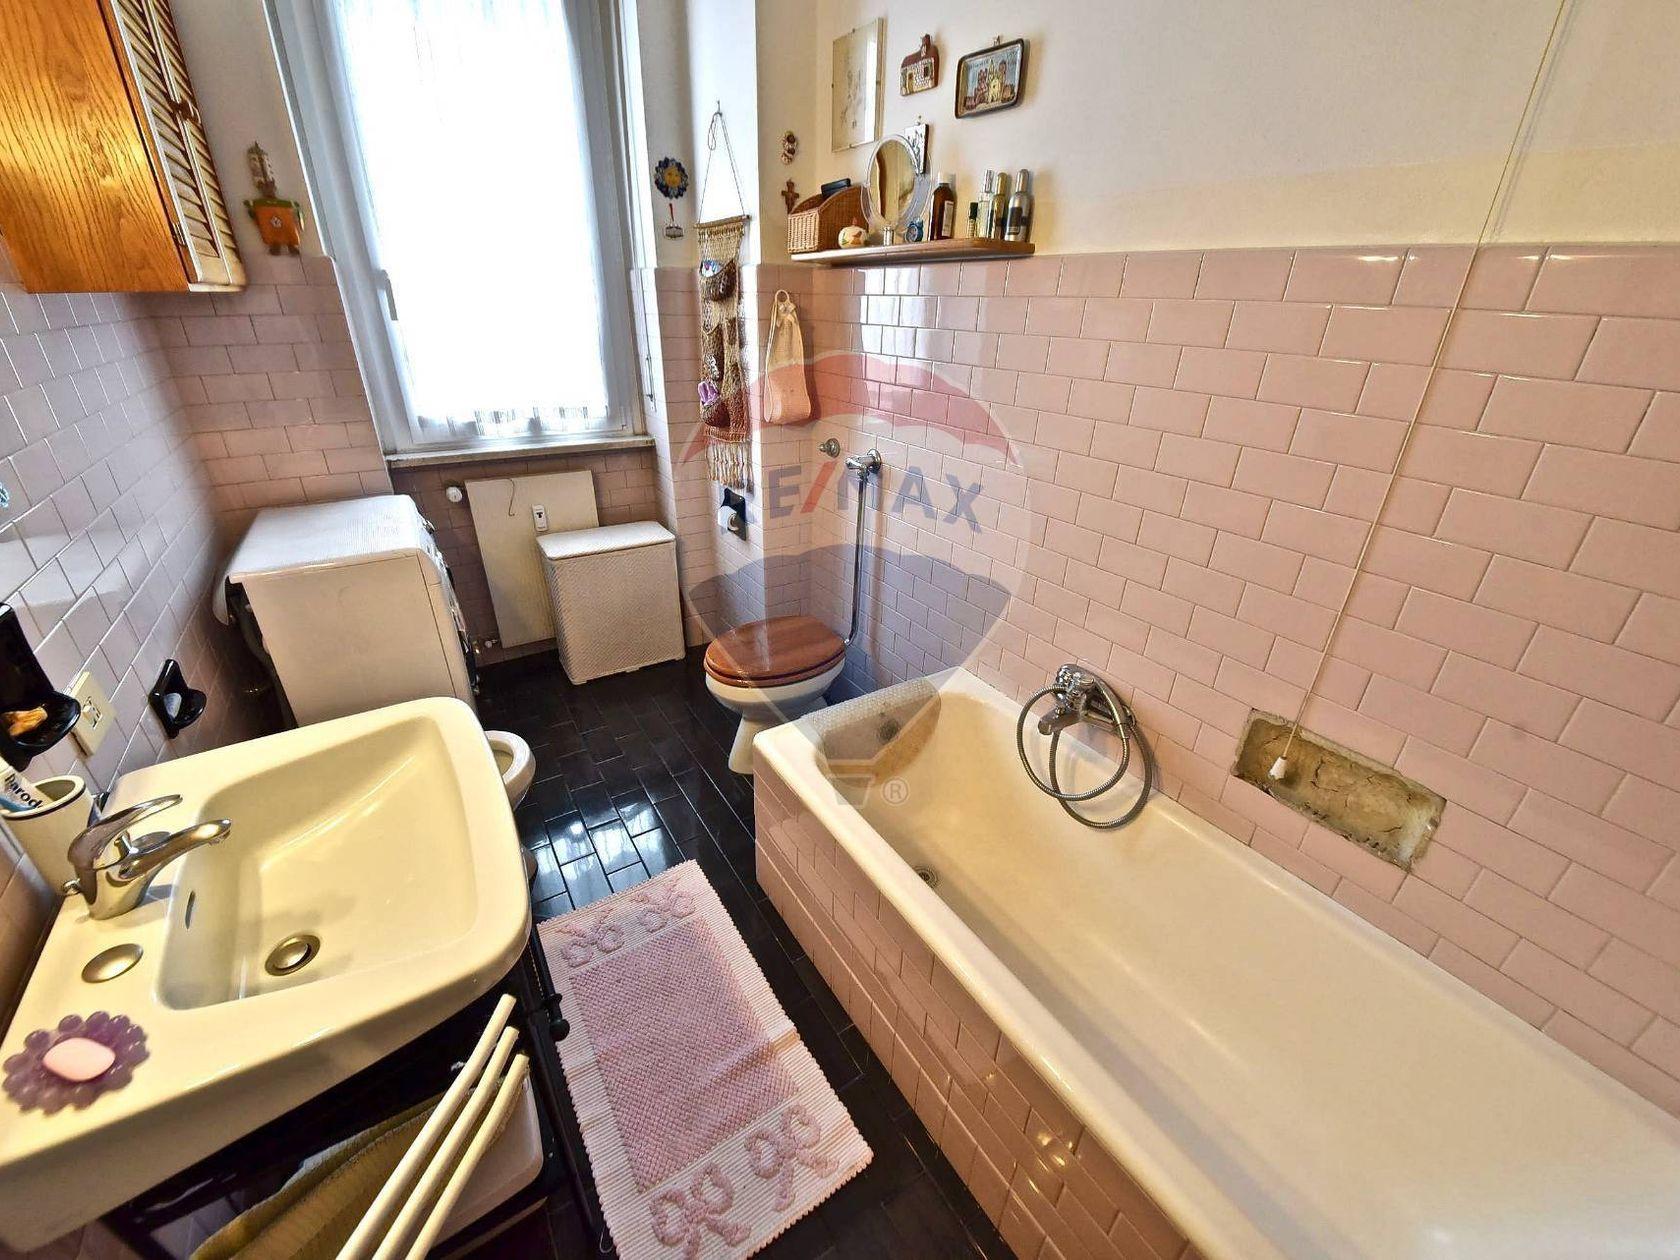 Appartamento Frati, Busto Arsizio, VA Vendita - Foto 11